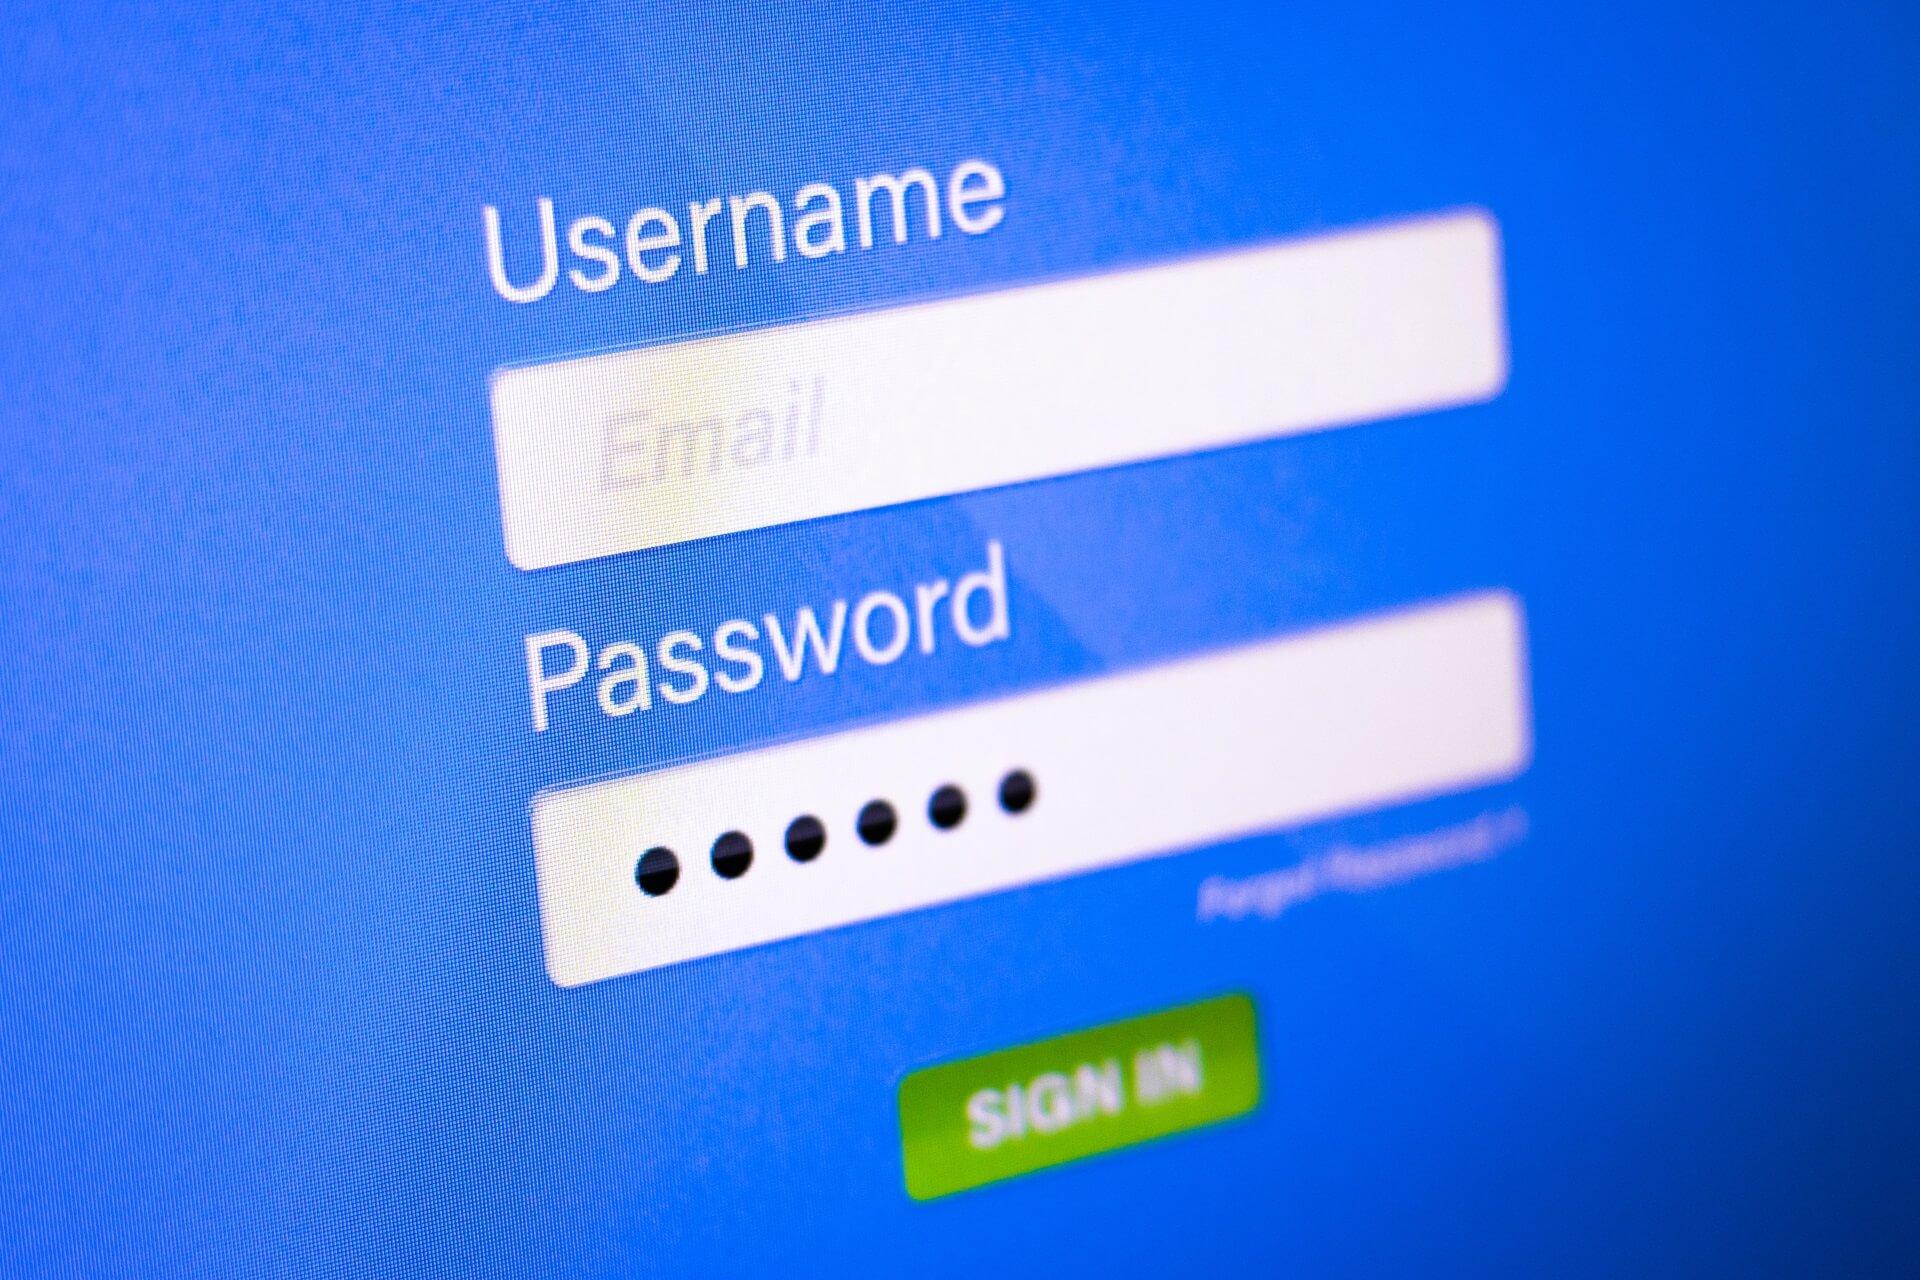 Možete koristiti alate za šifriranje lozinki, tako da čak i ako hakeri dobiju pristup njima, oni neće automatski imati pristup zaštićenim podacima.